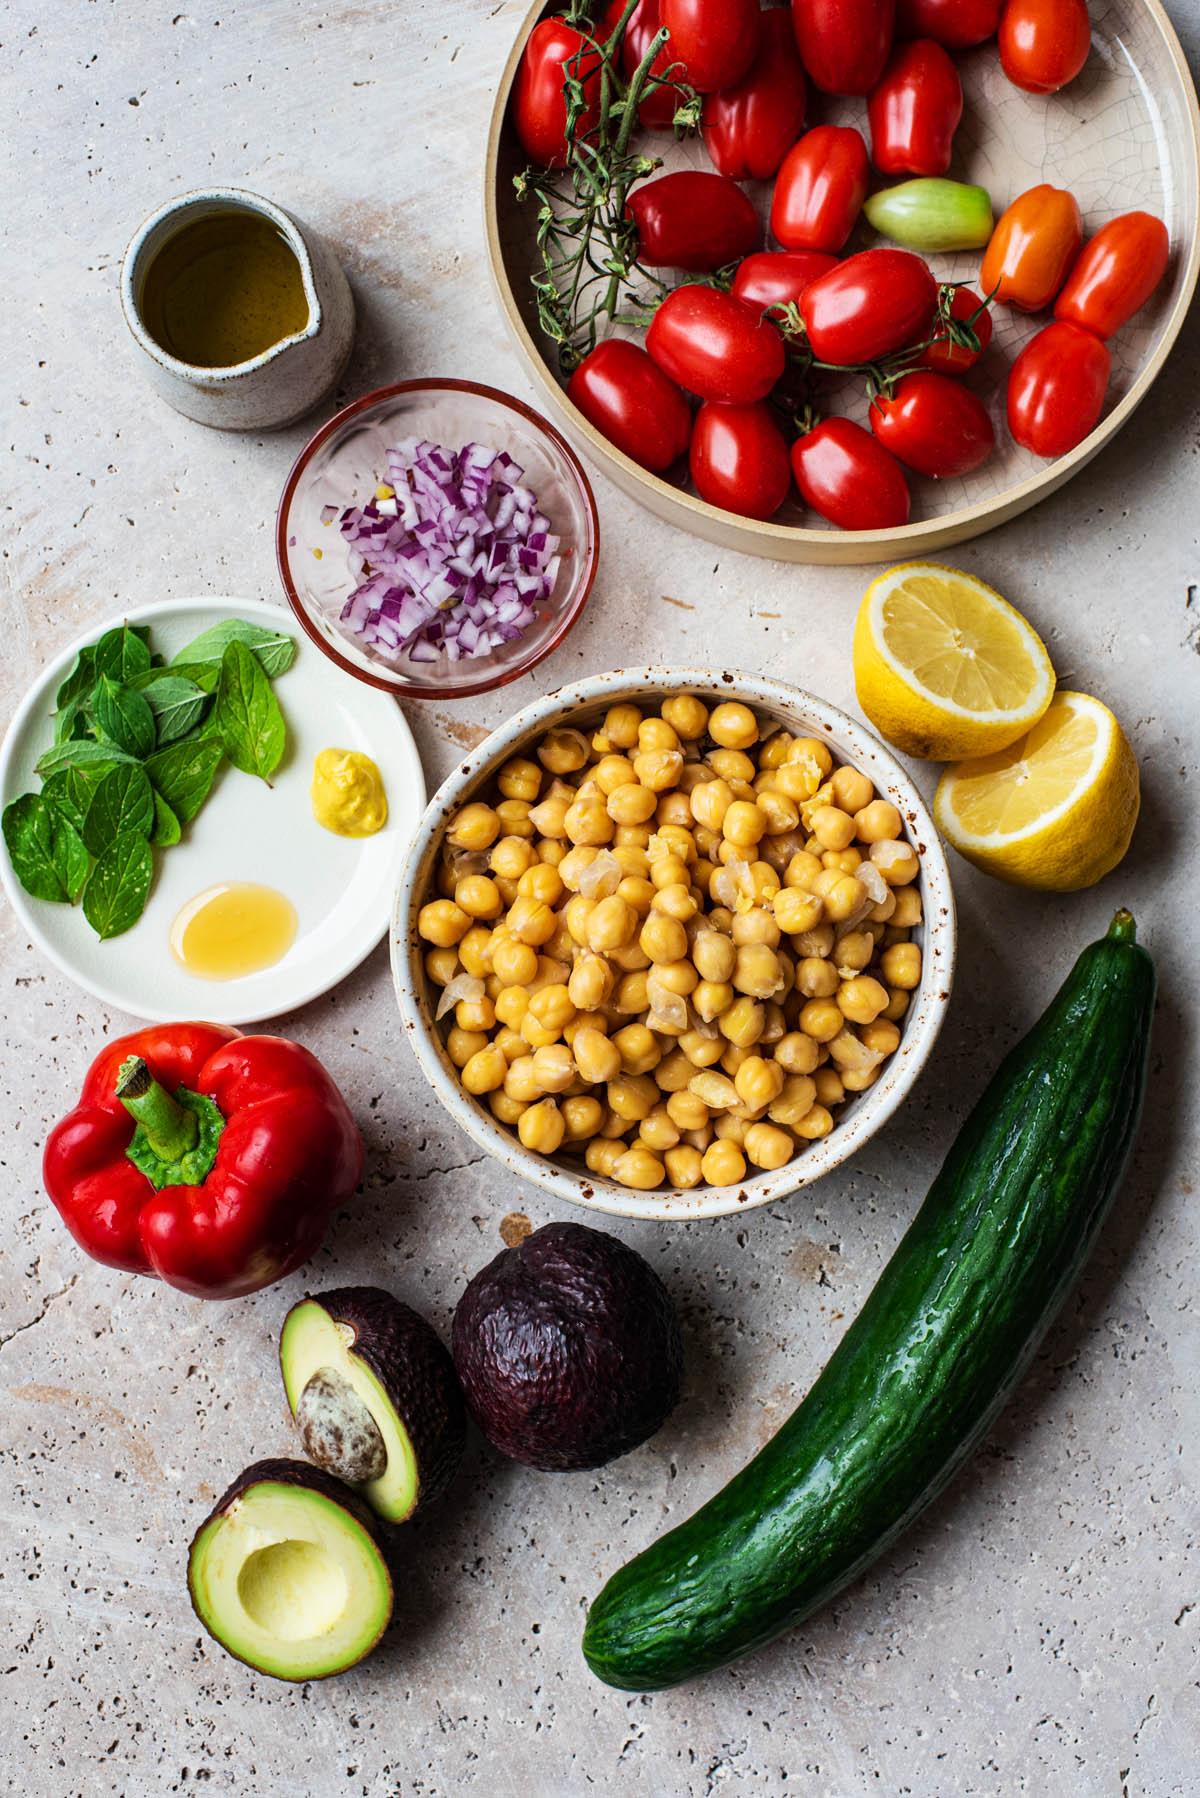 Greek Chickpea Salad ingredients.